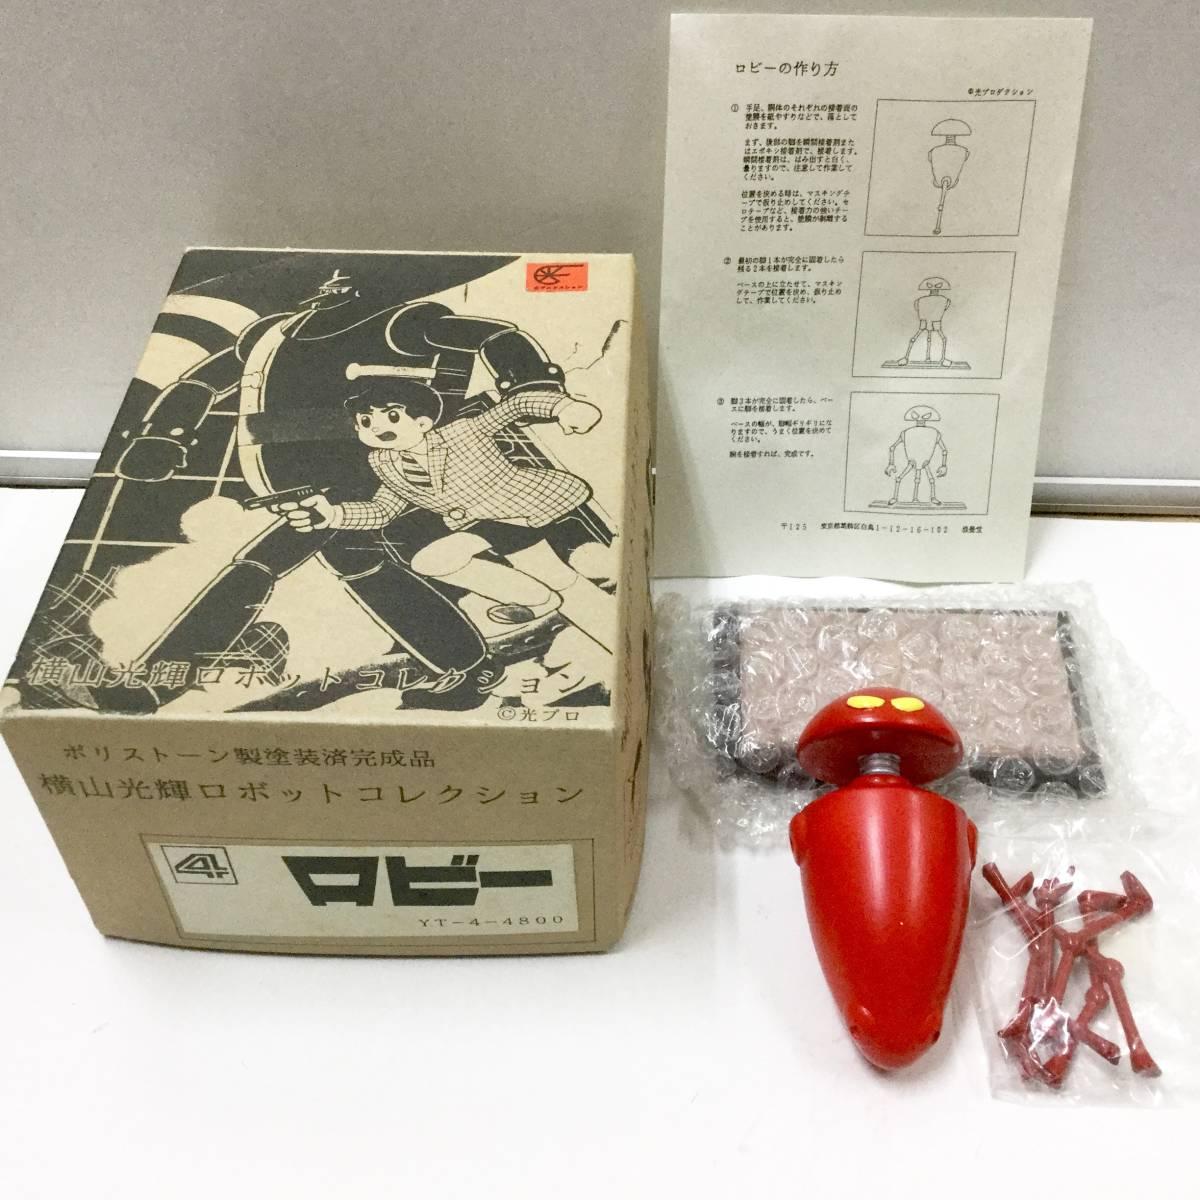 ロビー 浪蔓堂 ポリストーン 鉄人28号 通販500個限定品 絶版品 光プロ フィギュア 人形